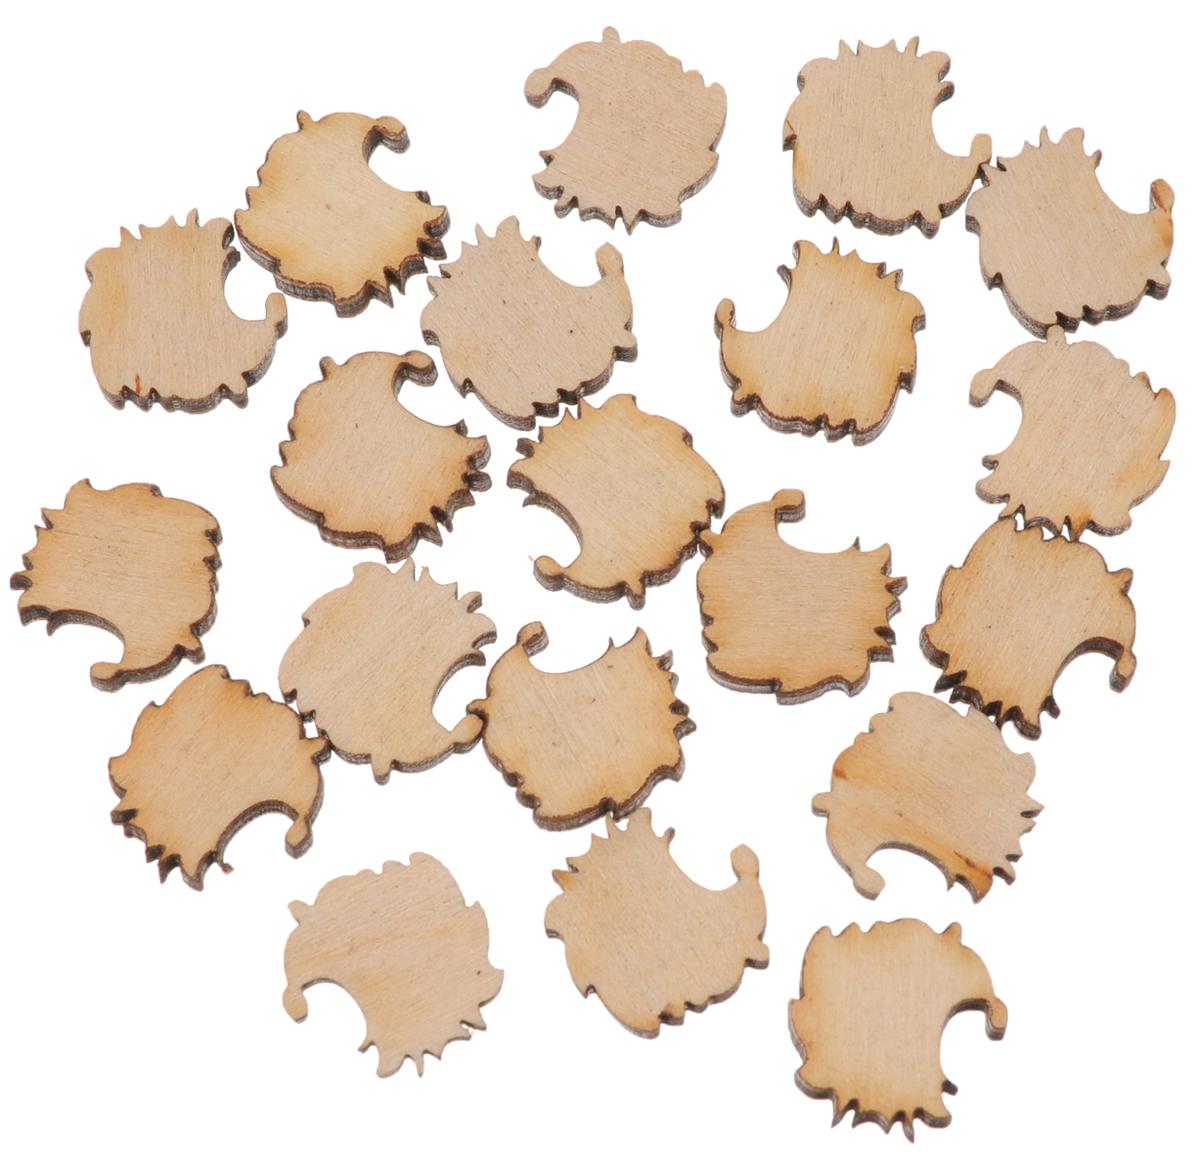 Деревянная заготовка Астра Ежик, 20 шт486659Набор из заготовок Астра Ежик изготовлен из дерева. Он станет хорошим объектом для вашего творчества. Такие заготовки можно раскрасить красками, использовать для декупажа и оформить любым способом, который вам подскажет фантазия. Размер заготовки: 15 х 15 мм.